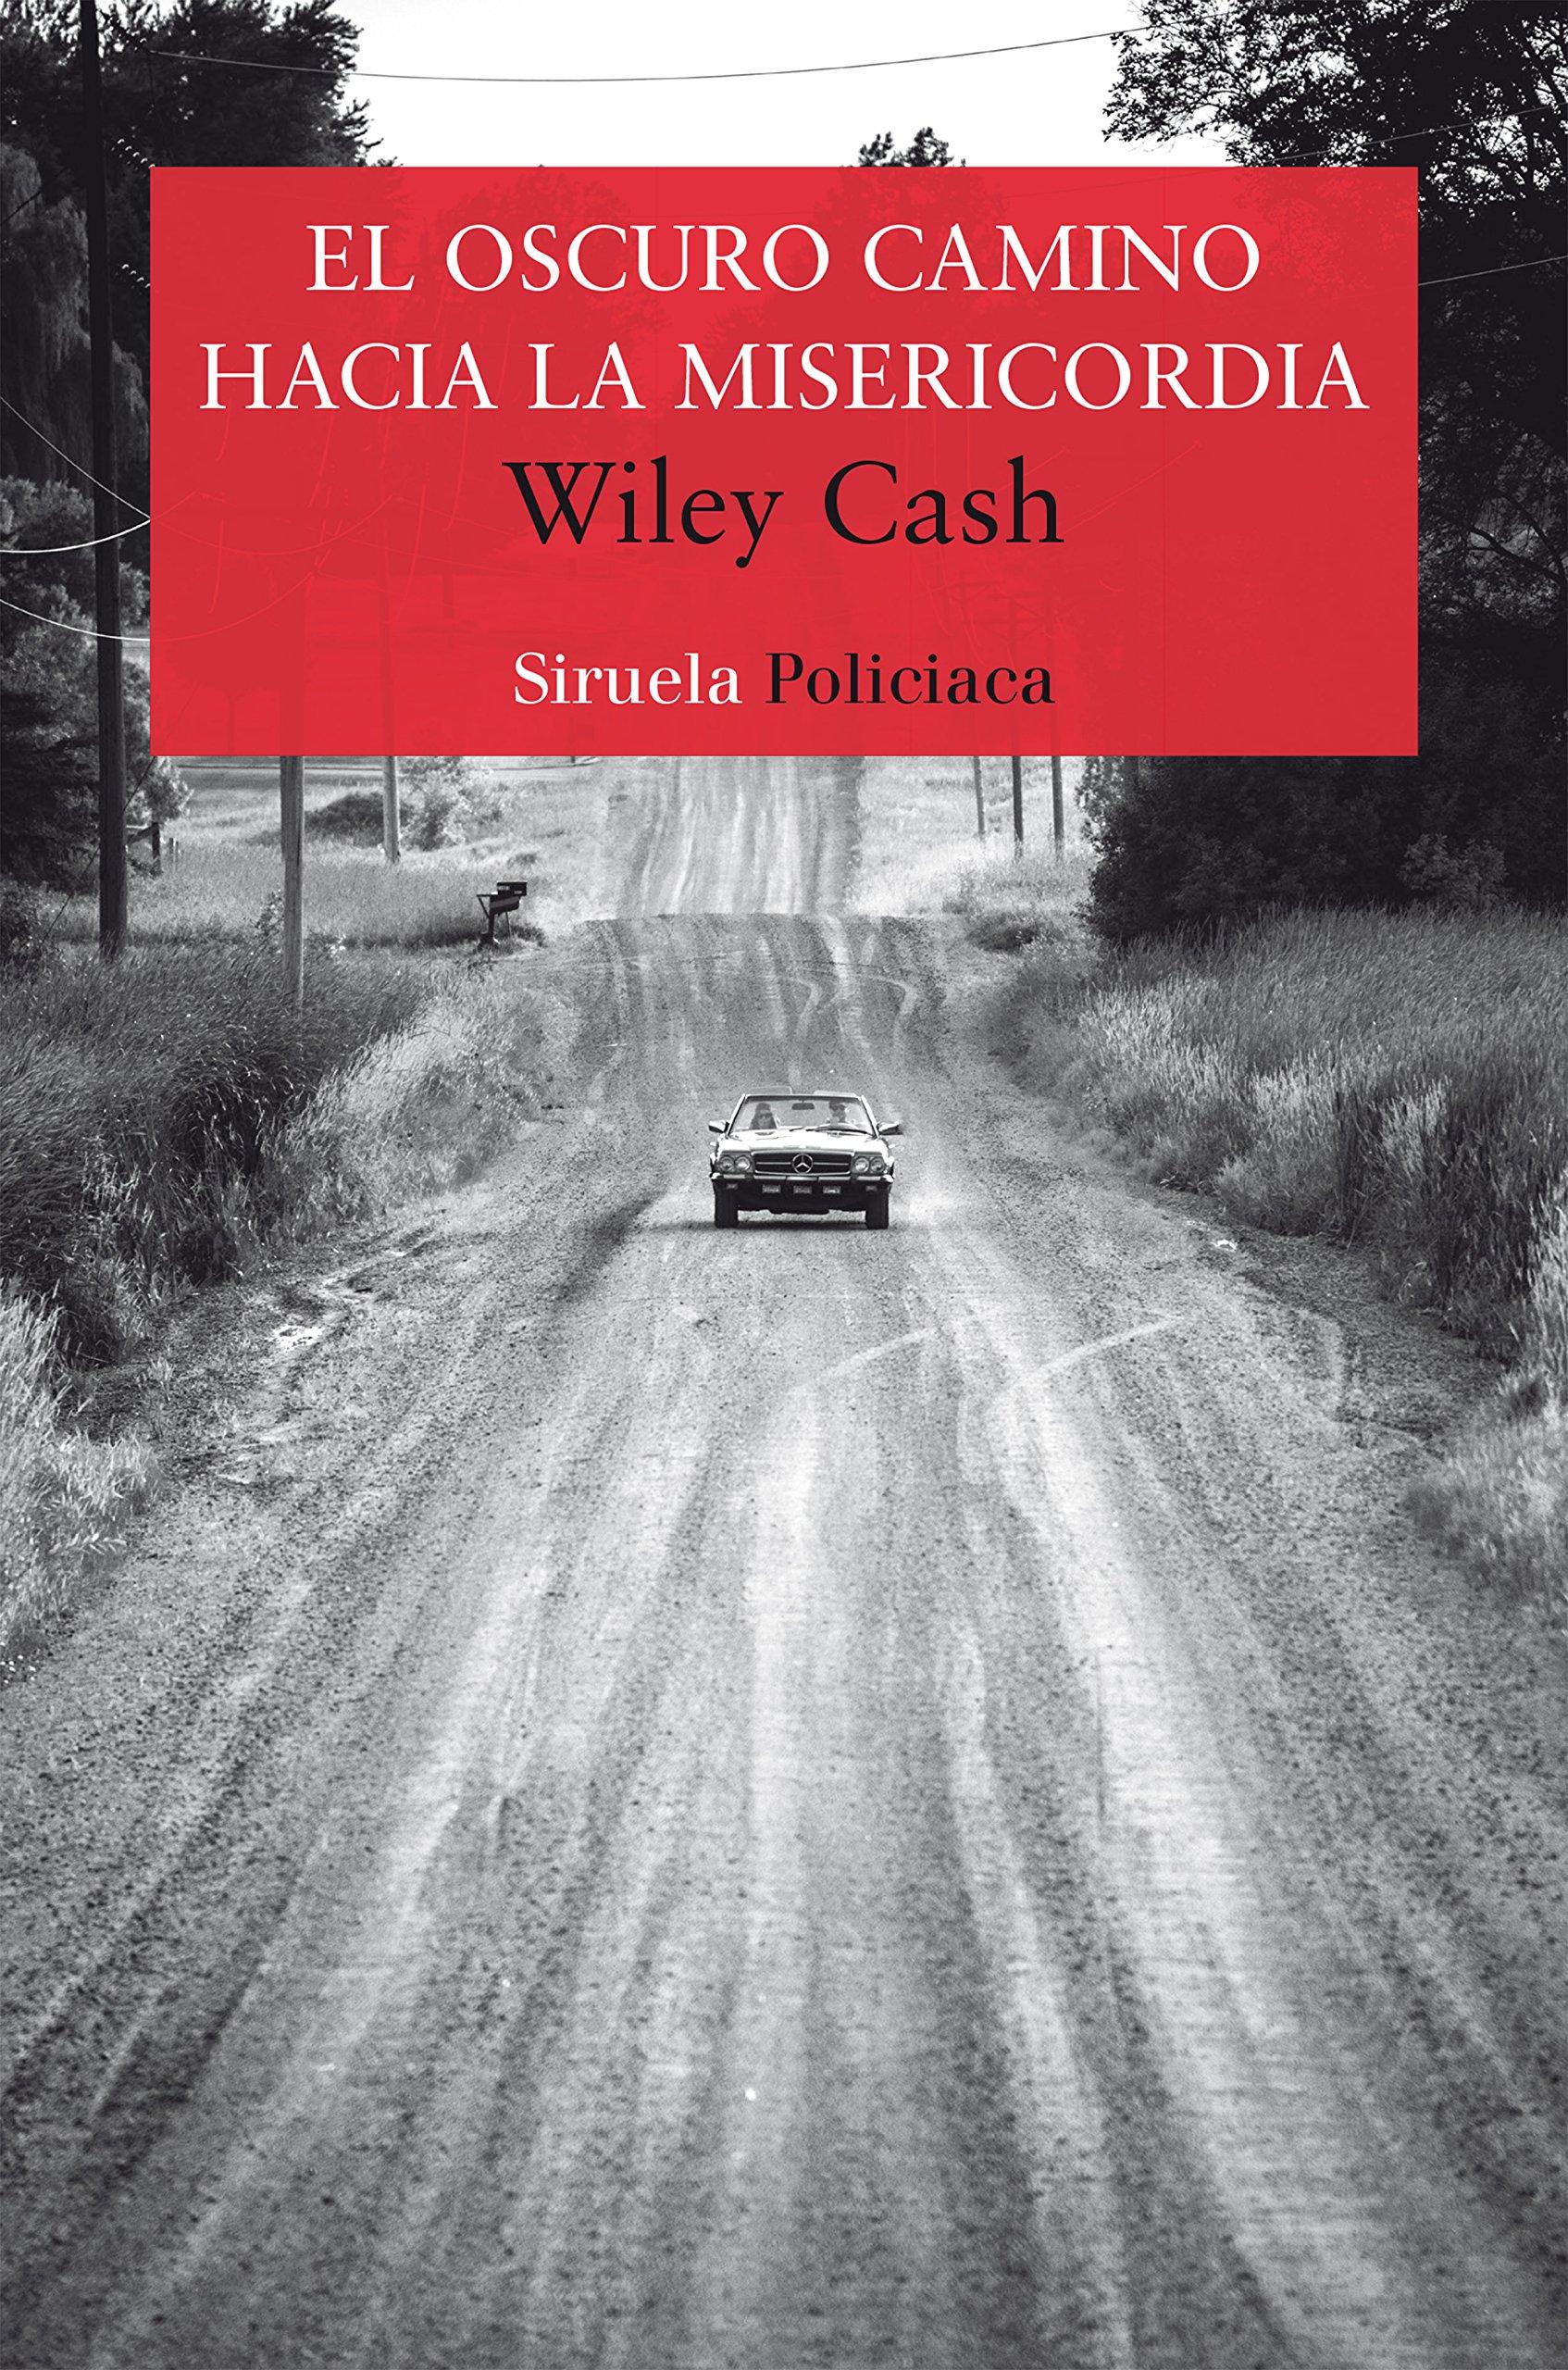 Literatura de cloaca, novelistas malditos (Bunker, Crews, Pollock...) - Página 11 91hSYFXANWL